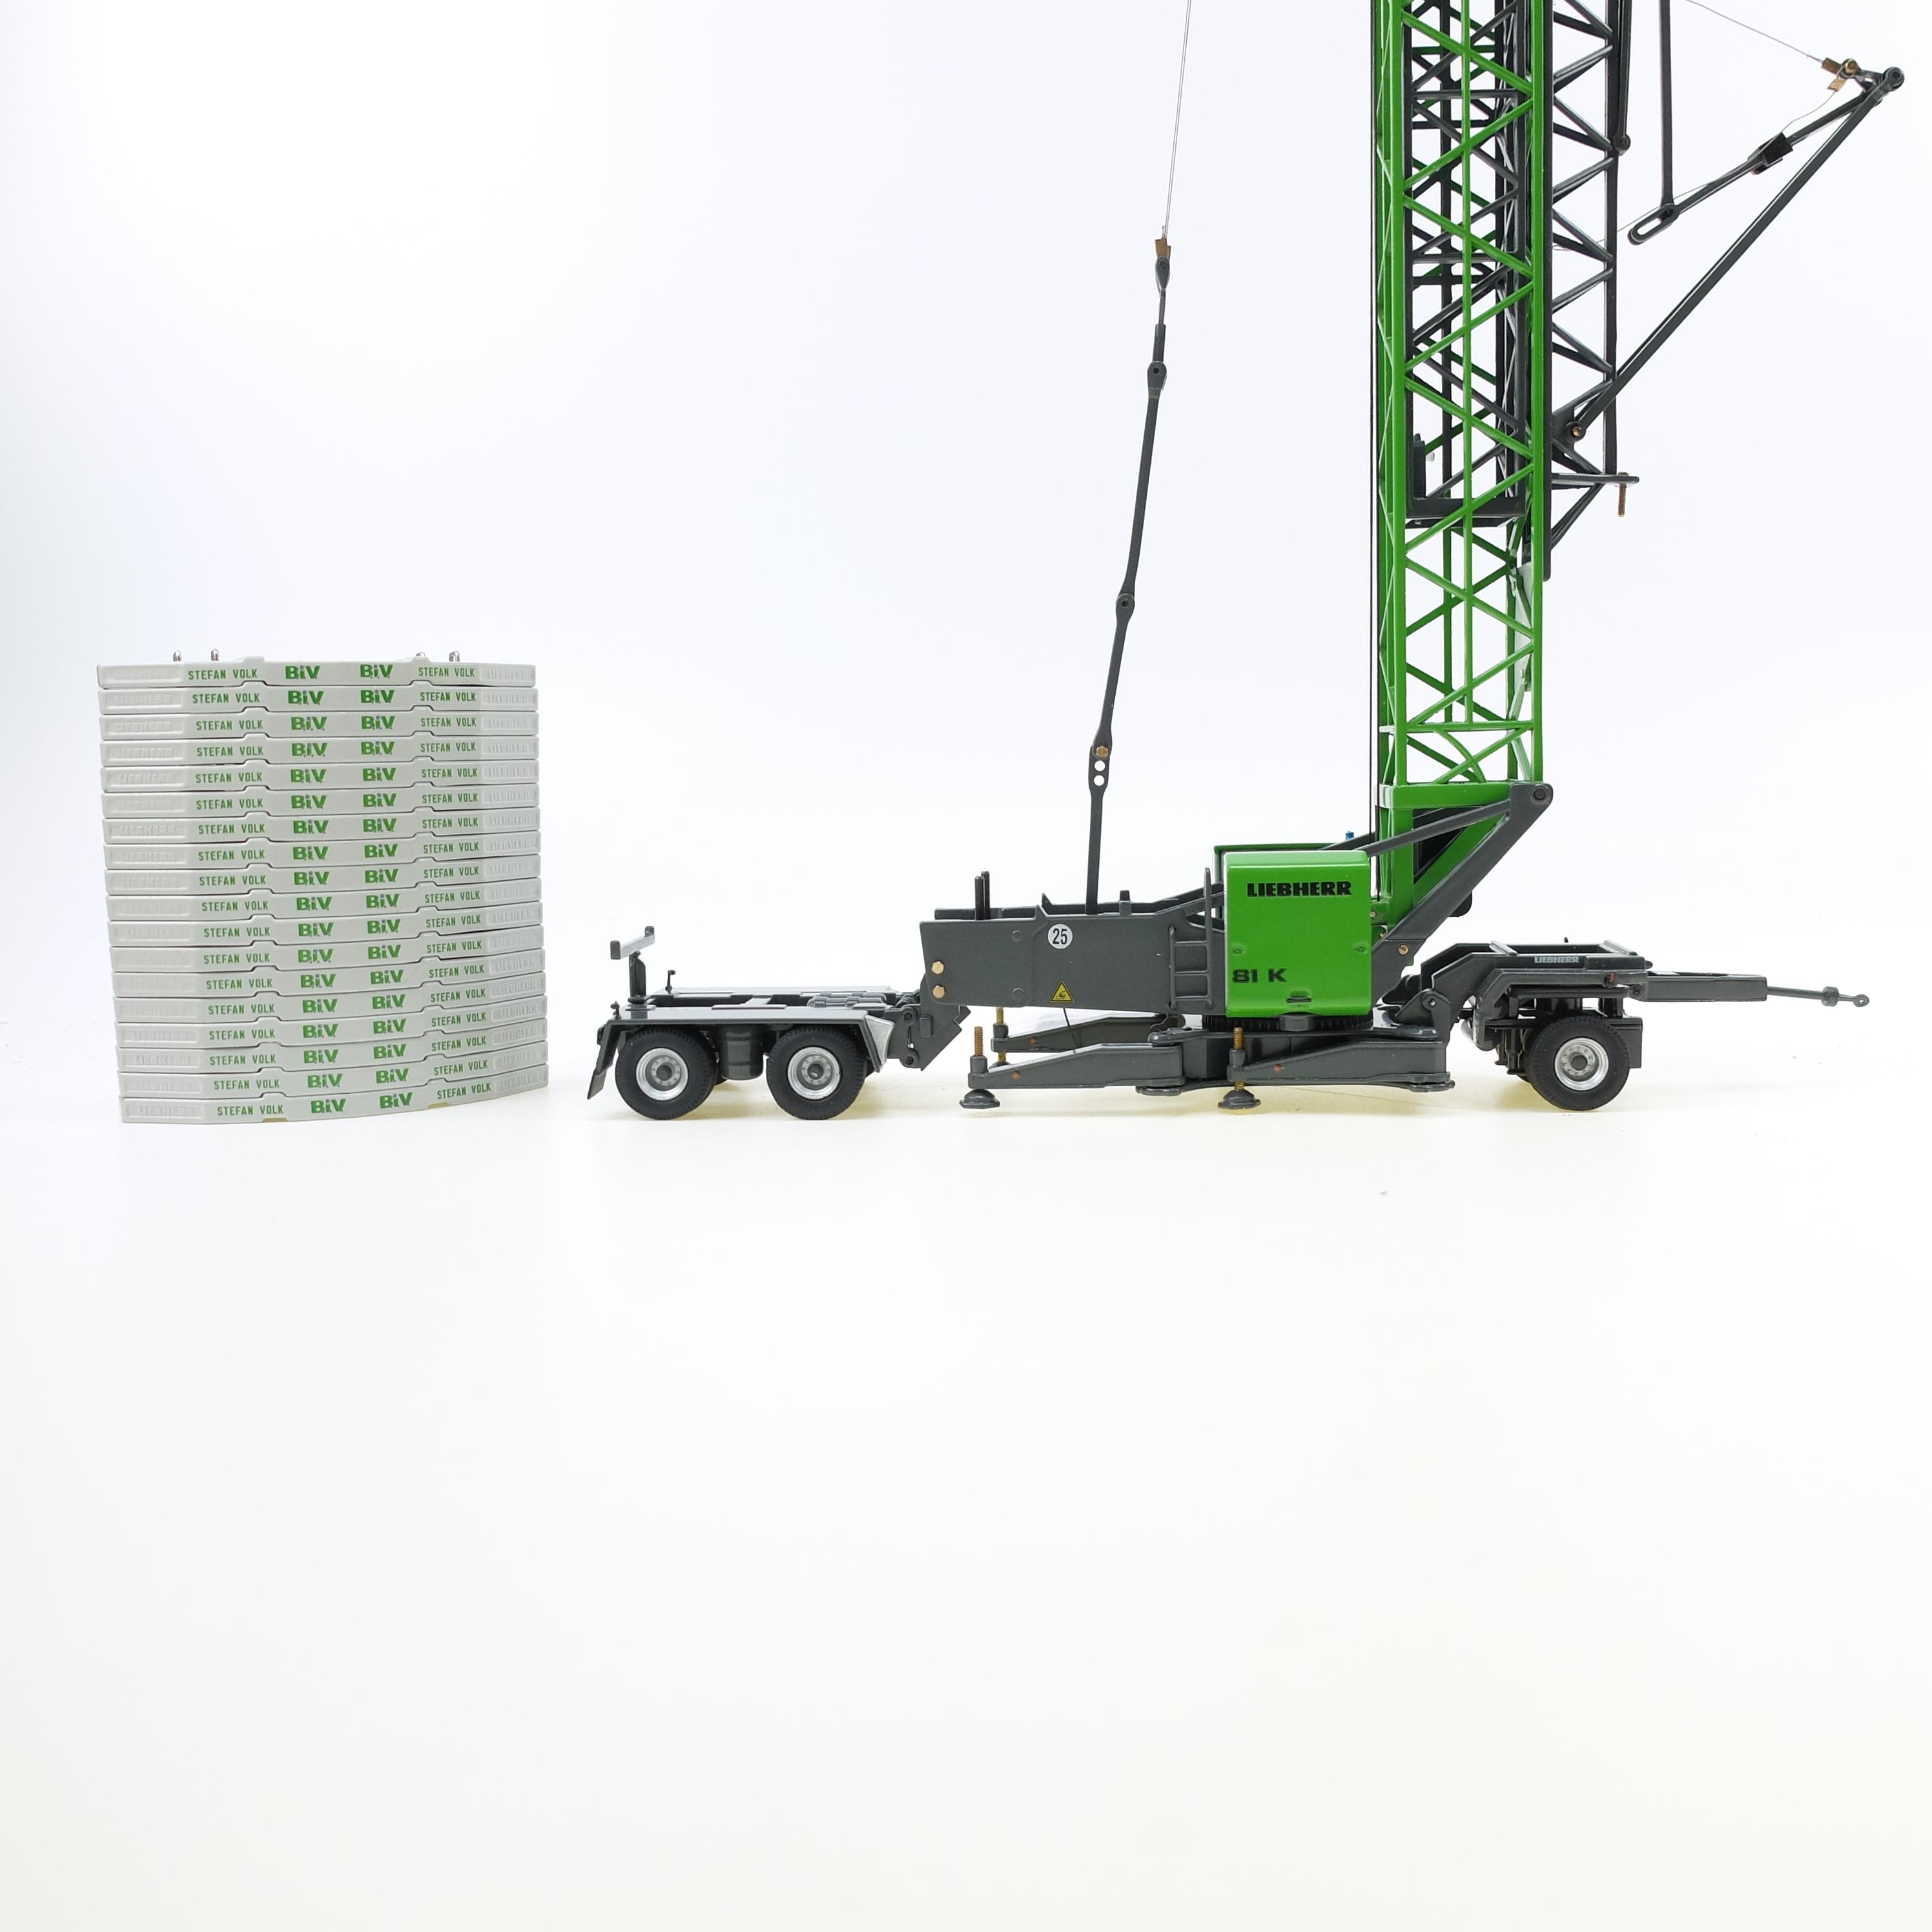 Liebherr 81 K Schnelleinsatzkran Volk Bau + Fahrwerk set